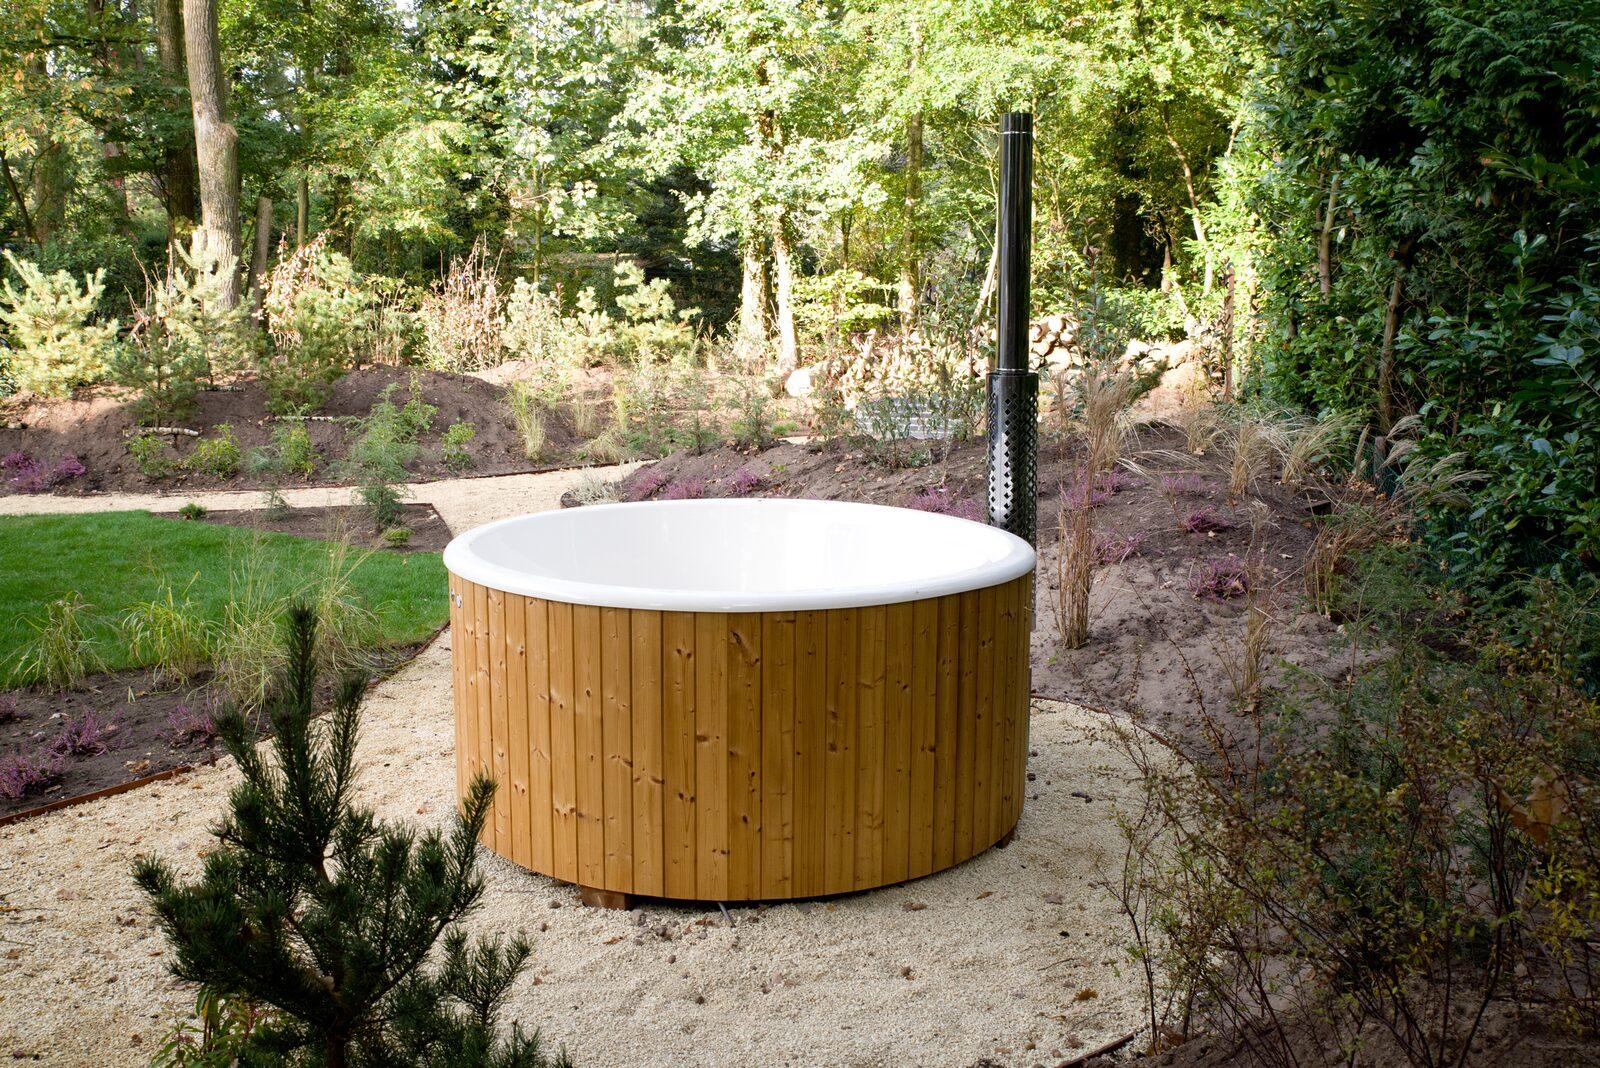 Nutzung des Whirlpools Forest Lodge 55 4 Personen